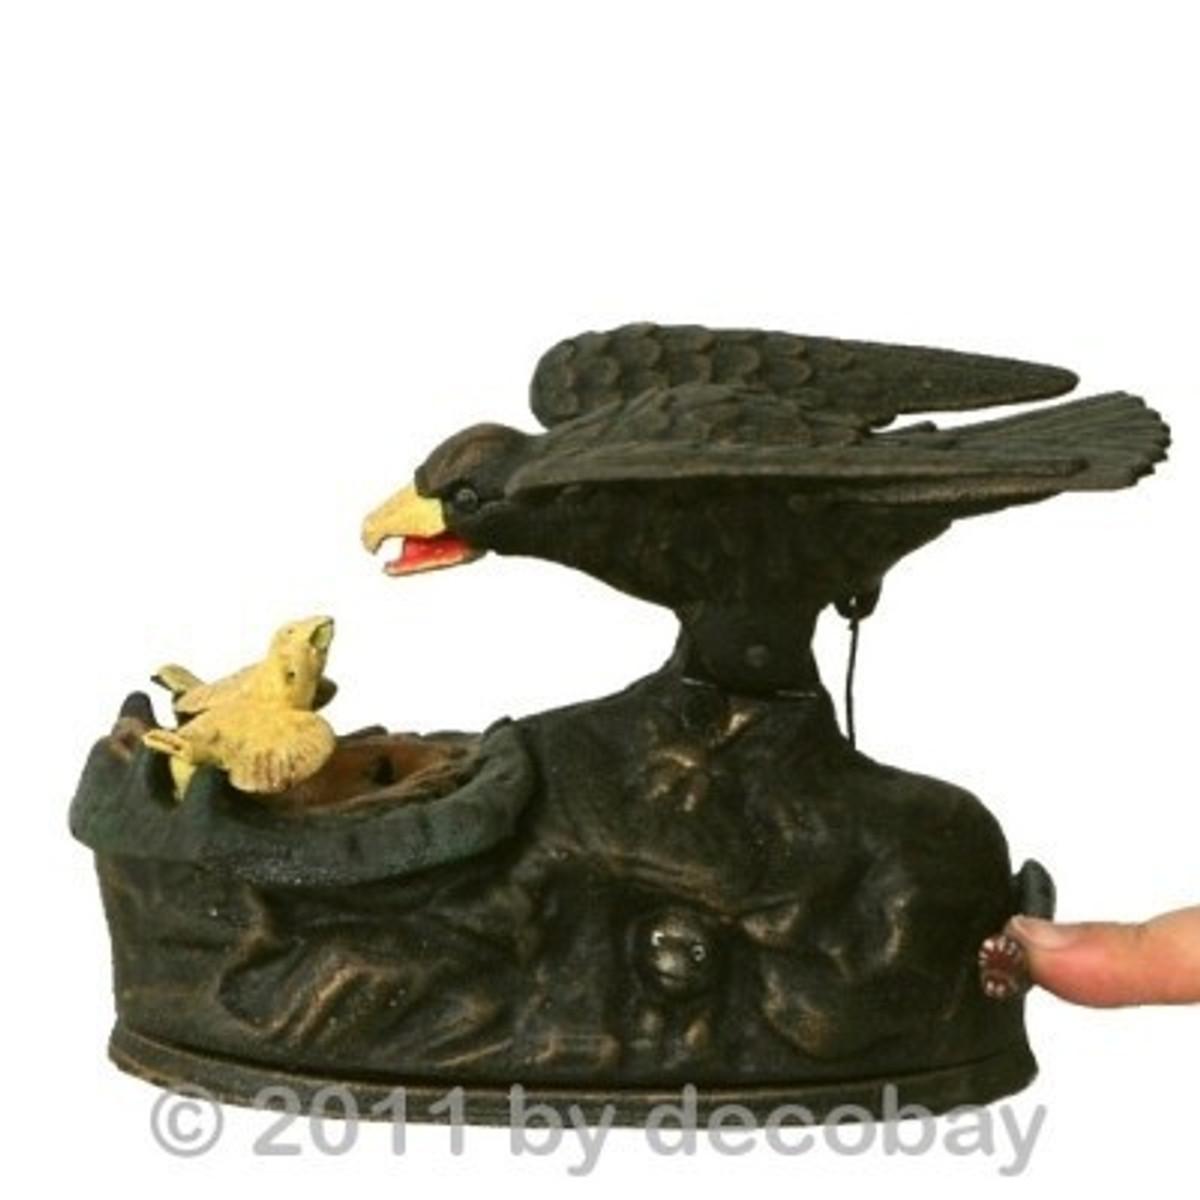 Raben Rabe Spardose Küken Dekoration für kleine und große Sparfüchse. Sparbüchse aus Gusseisen mit lustigem Tier Motiv.